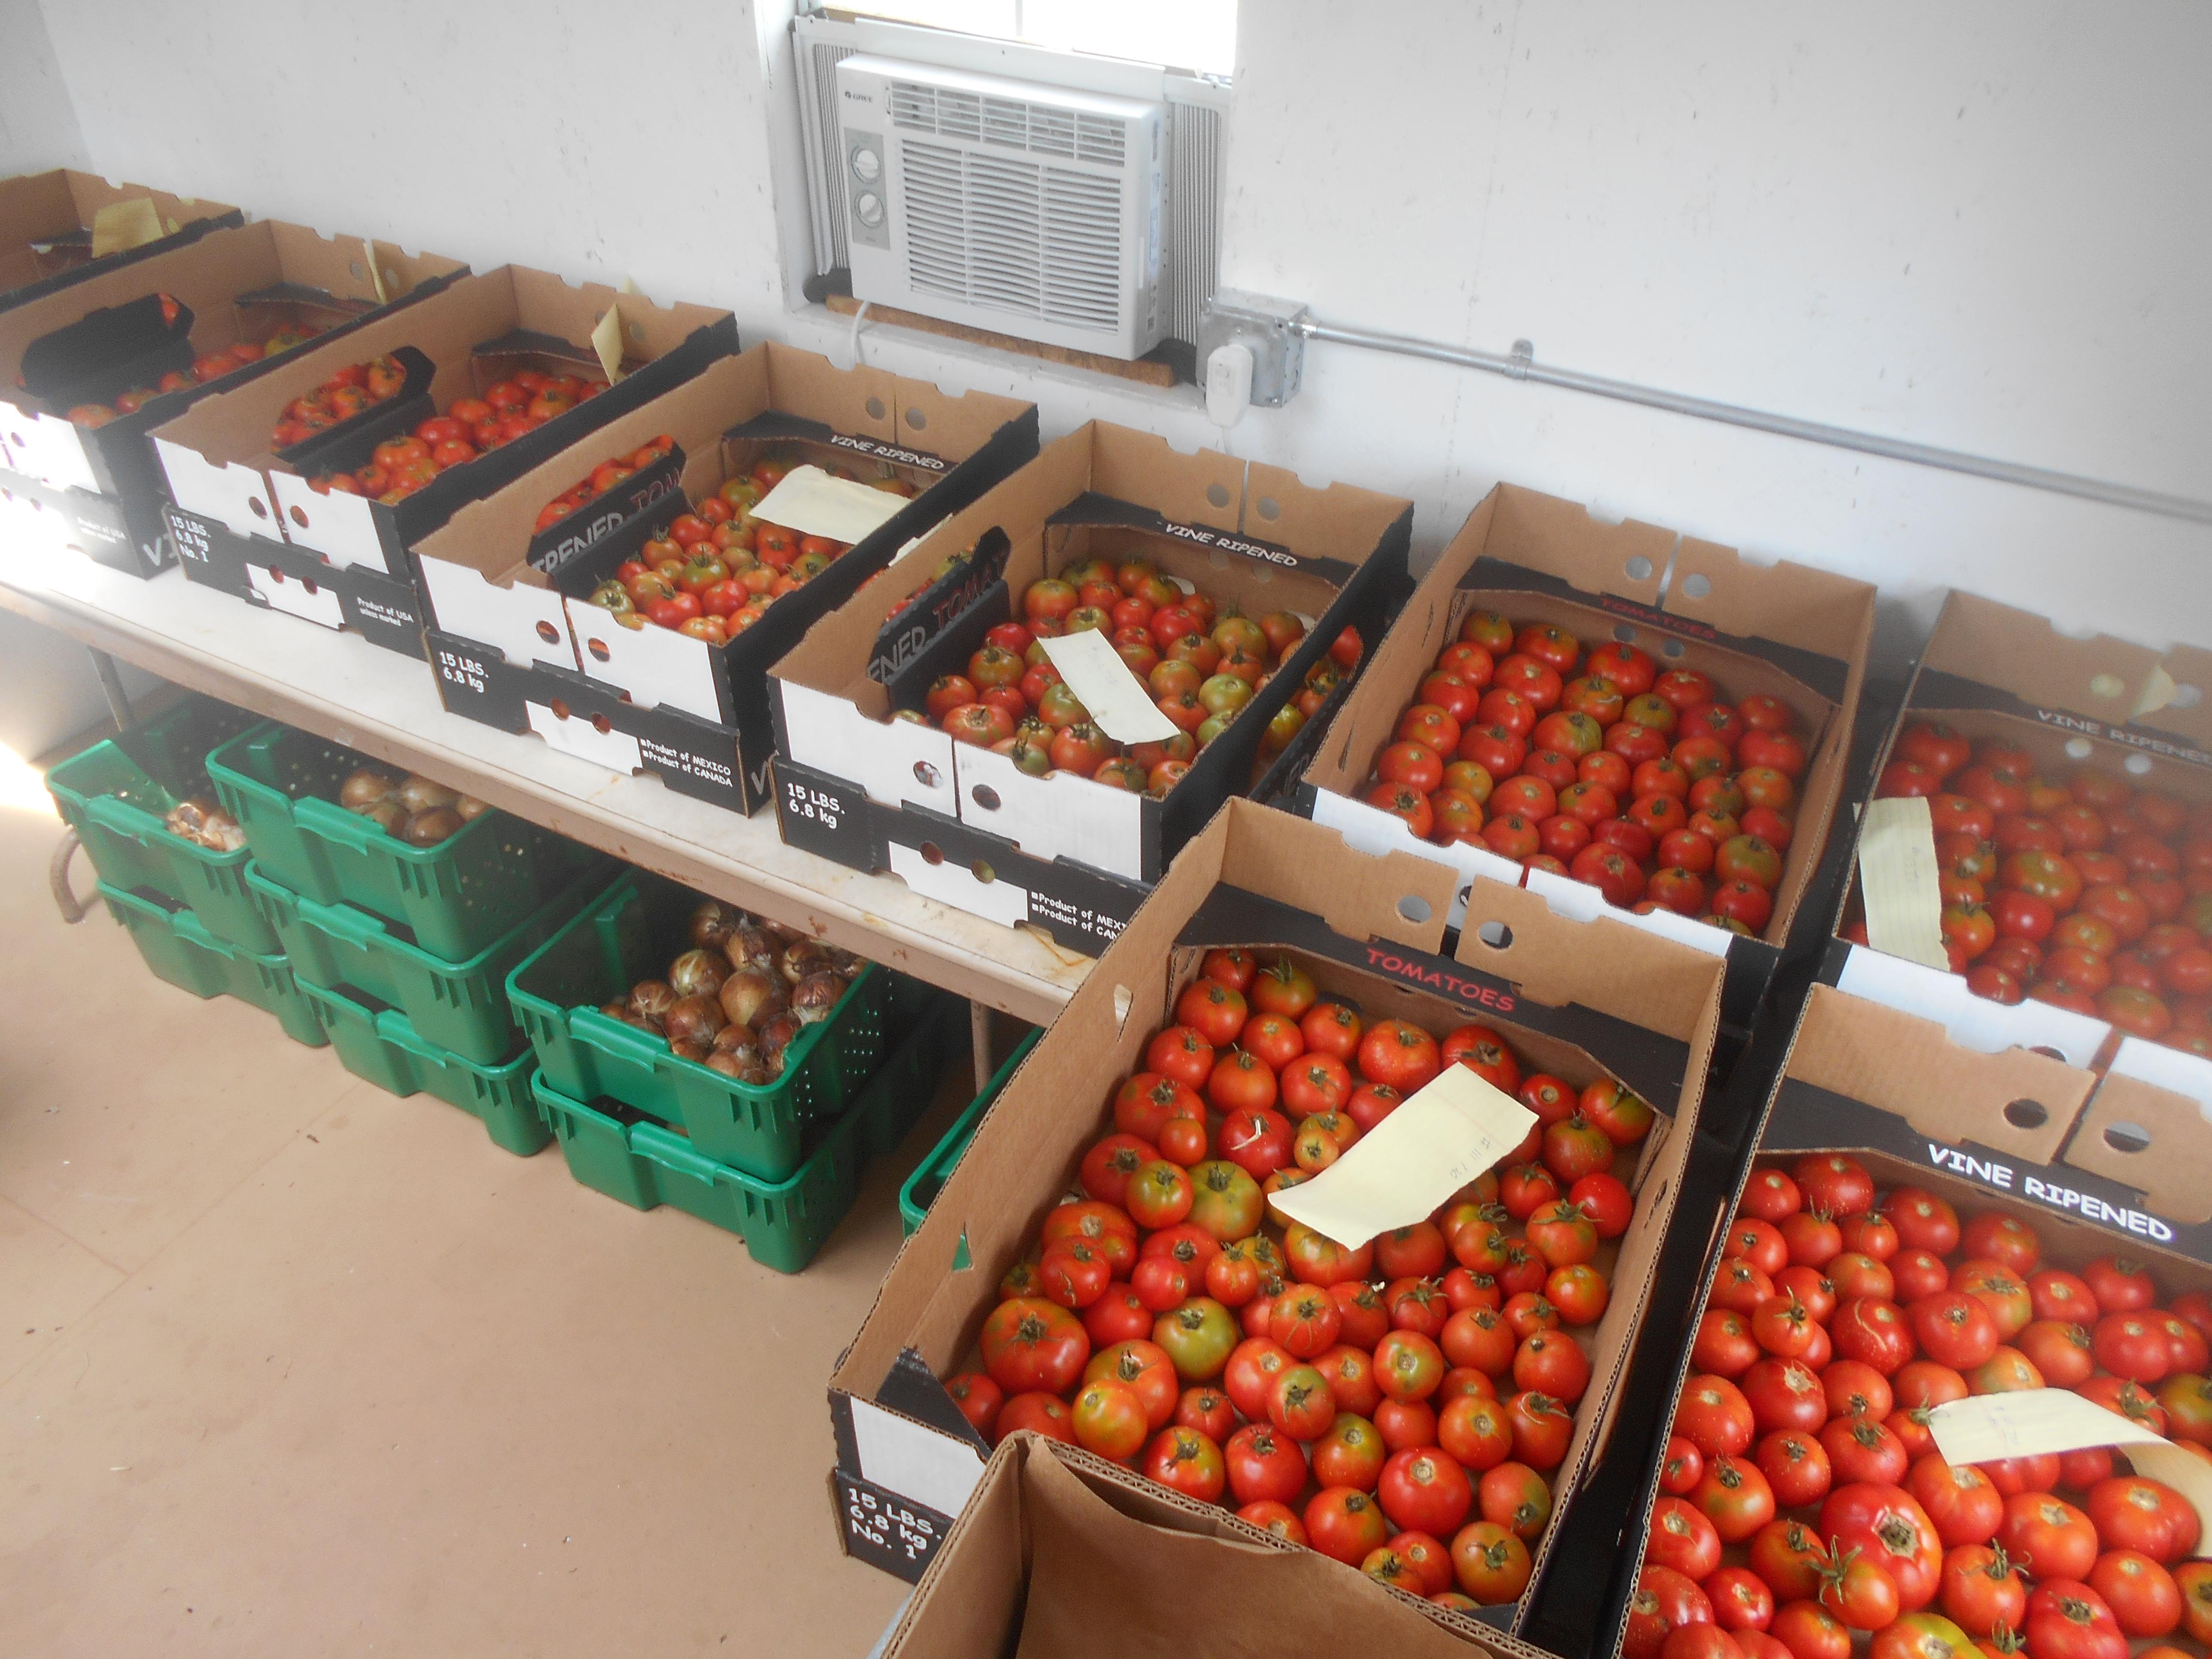 tomatoepacking72217